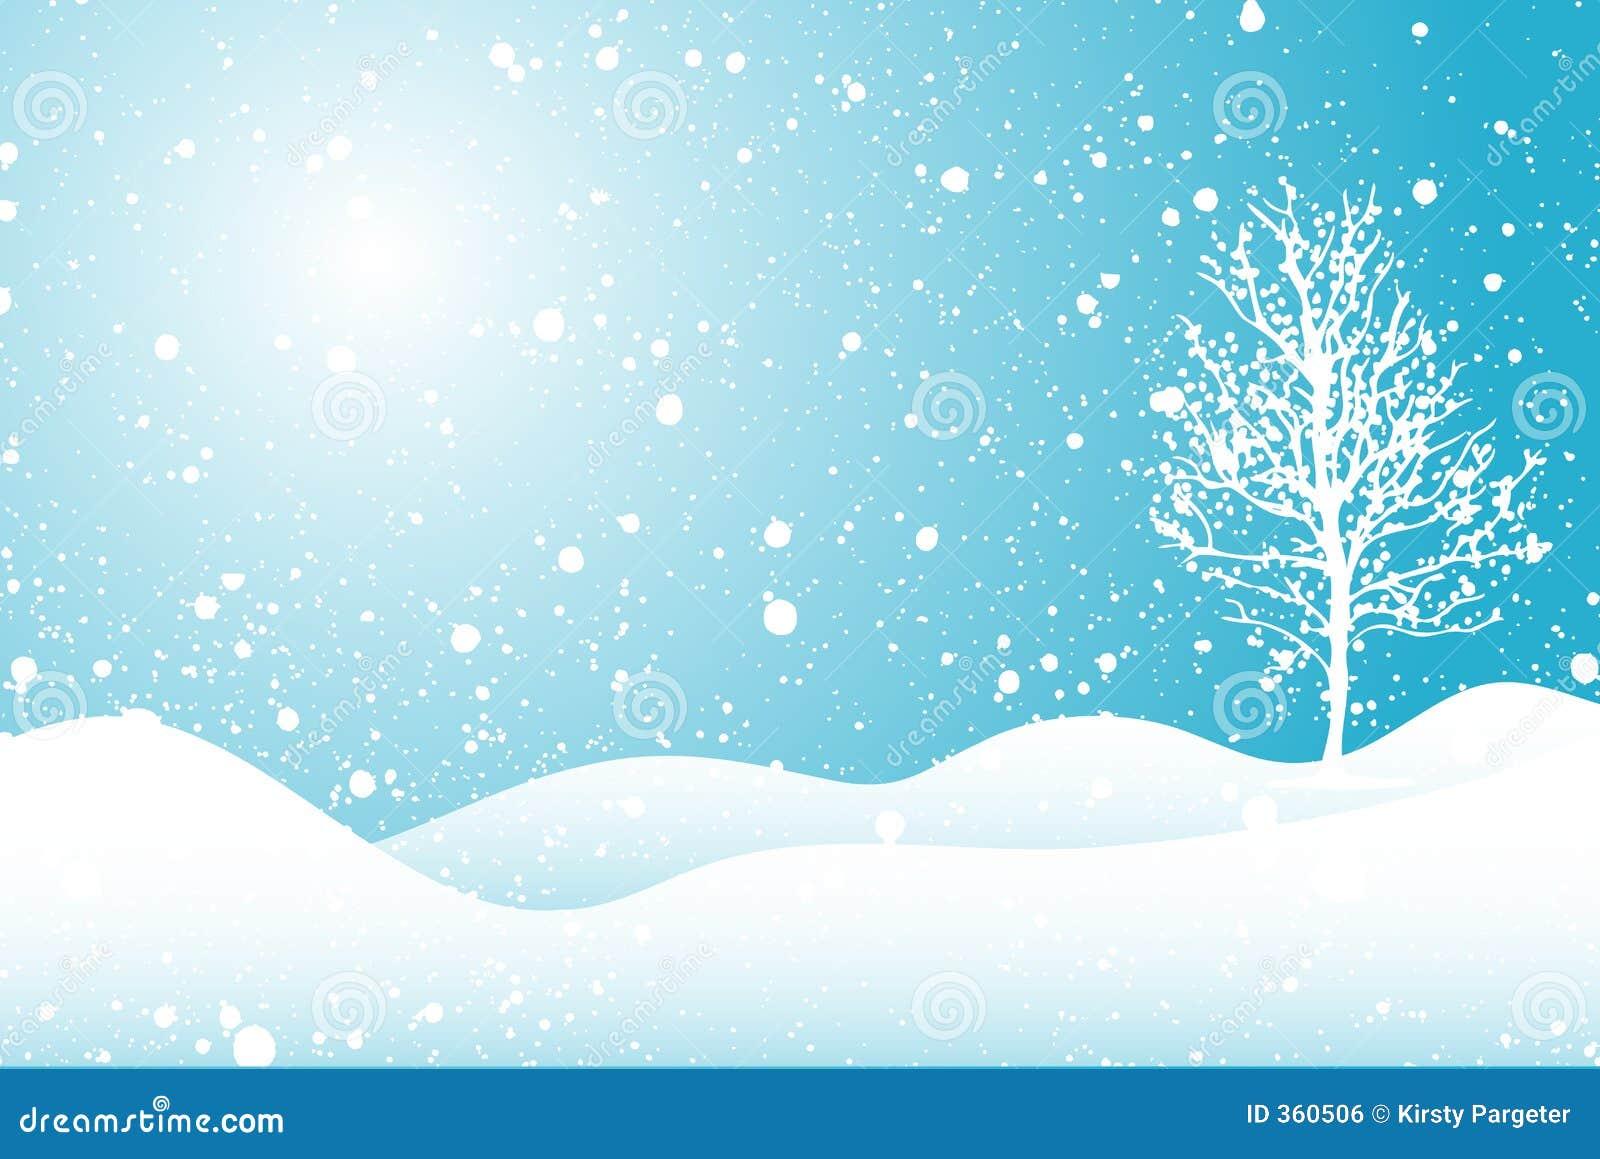 Scena dello Snowy